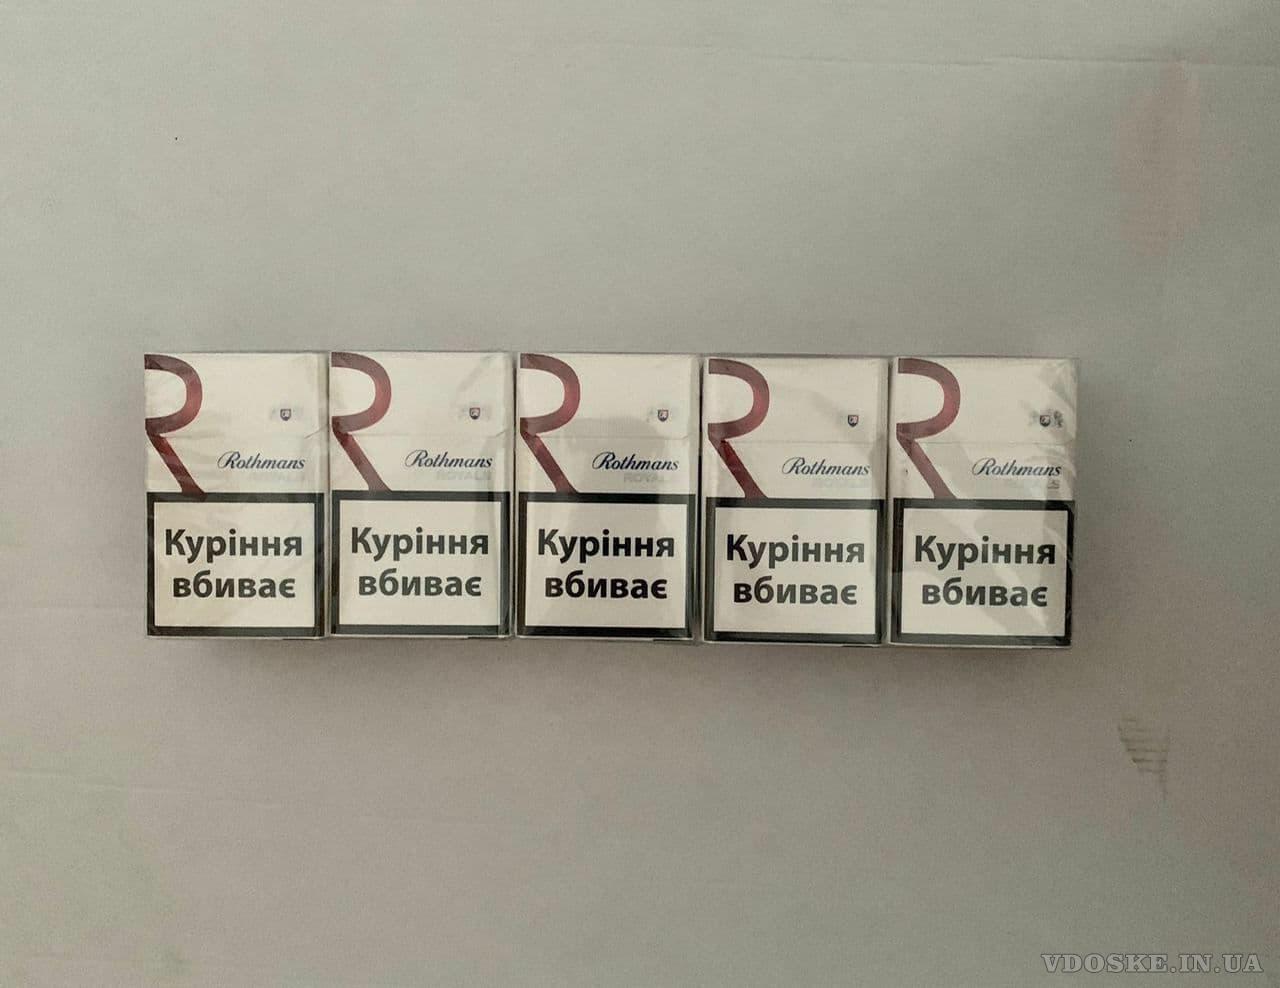 Продам сигареты популярных торговых маркок (3)